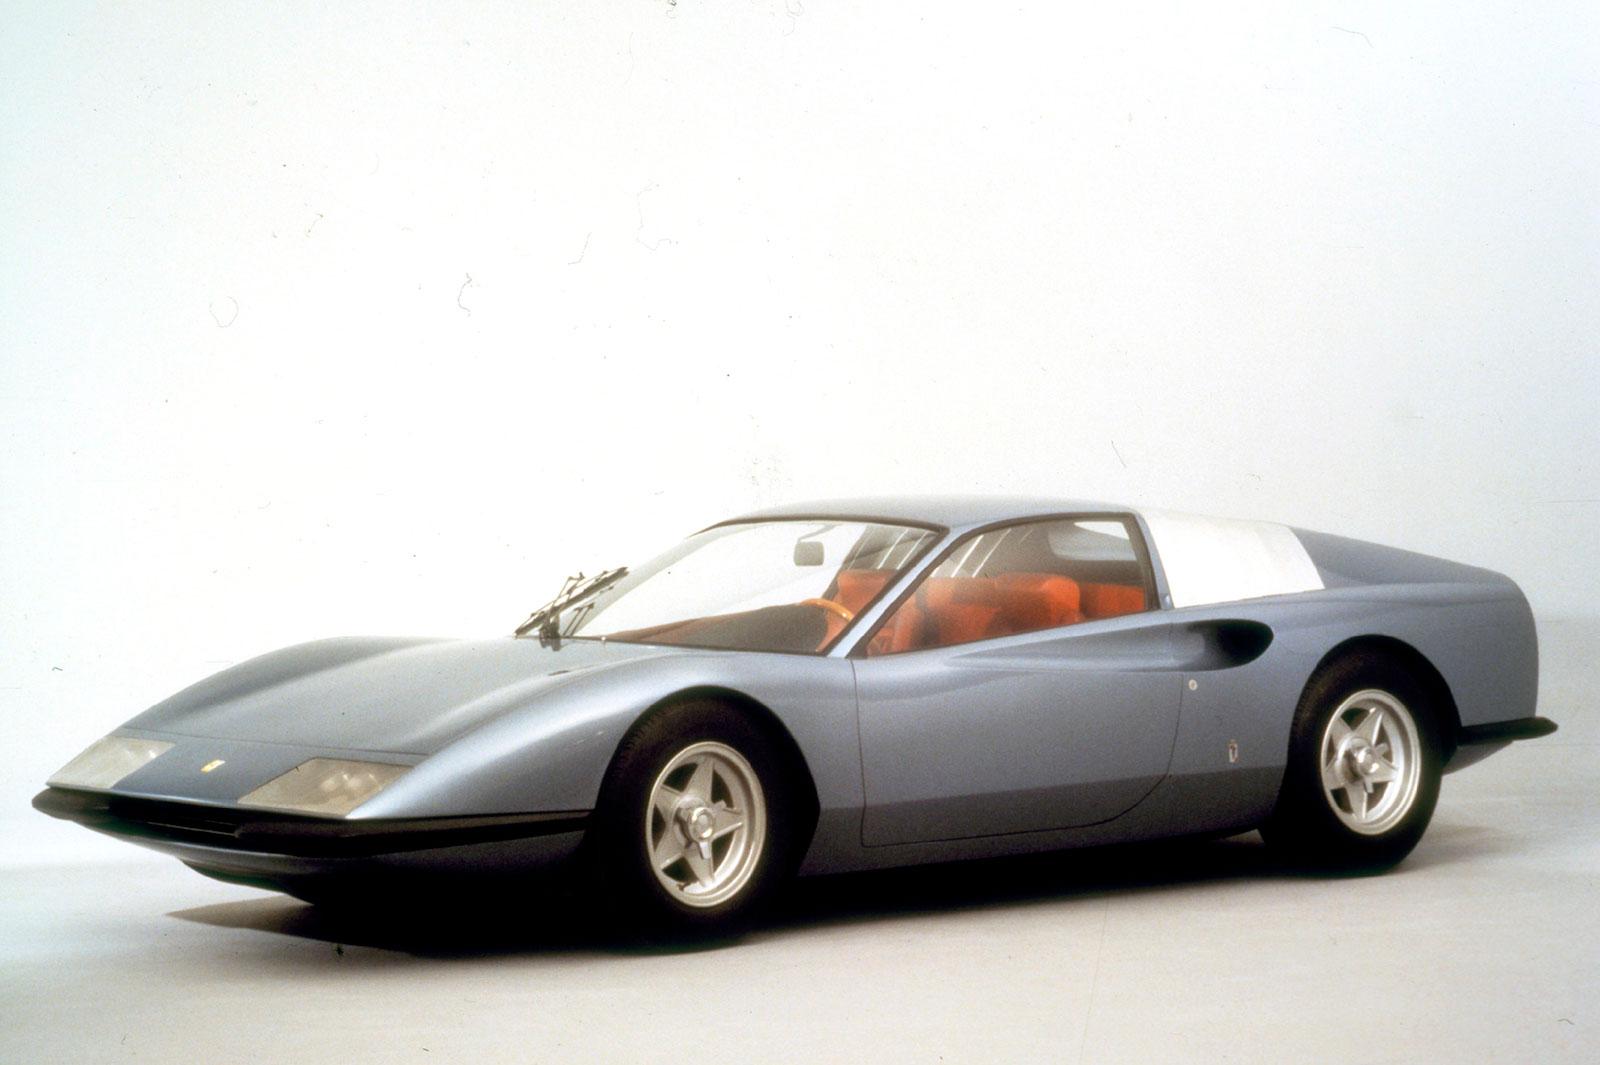 Ferrari P6 Berlinetta Speciale Coupe fra 1968 ble ikke mer enn ett konsept.